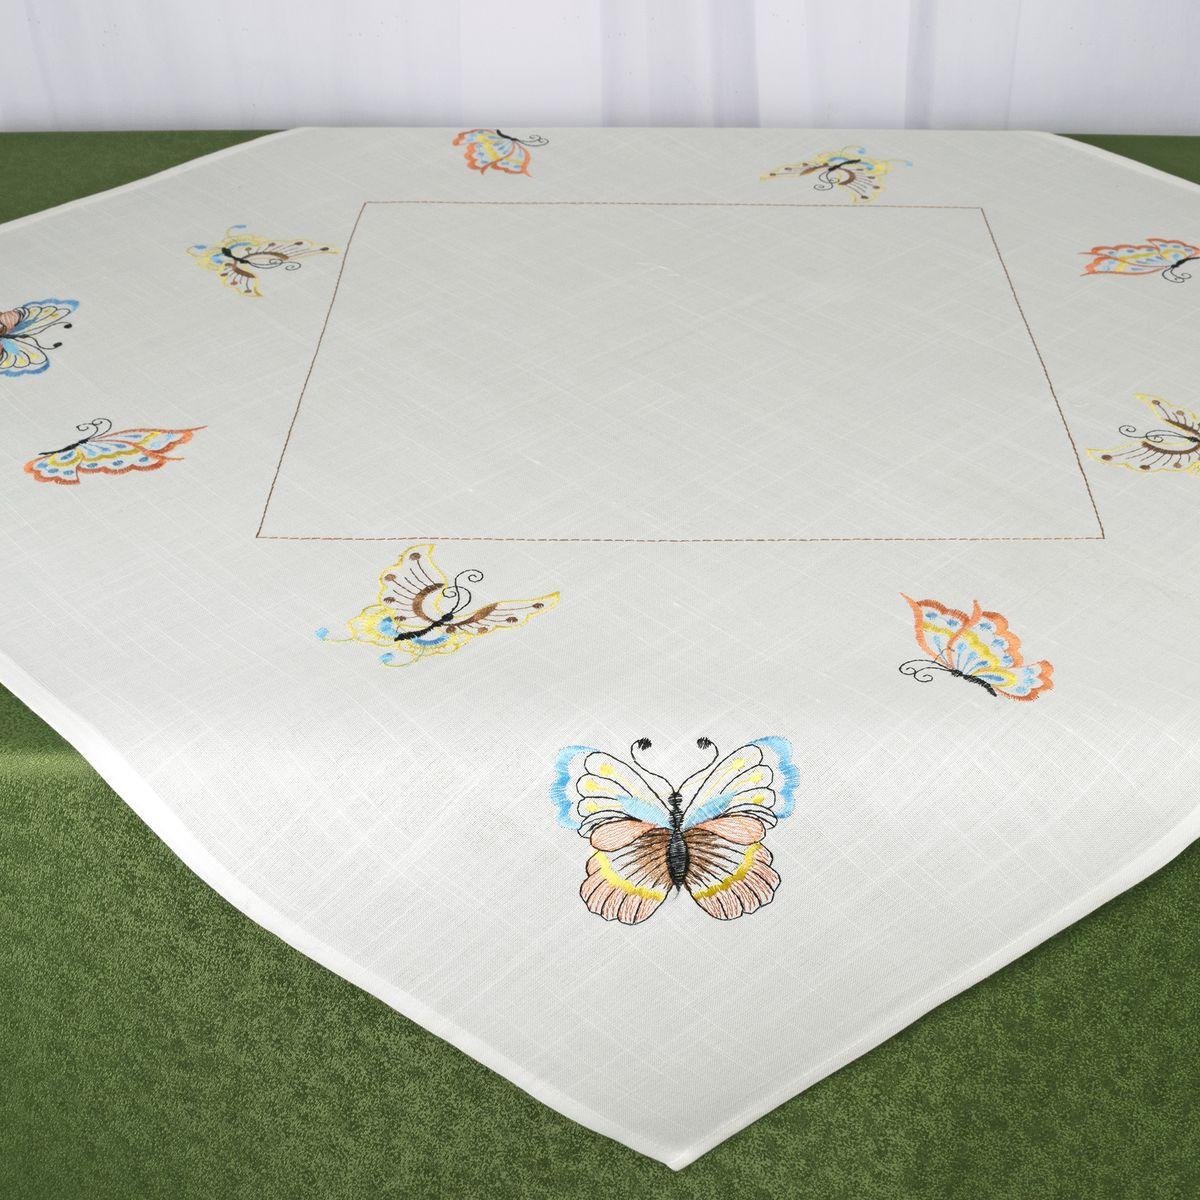 Скатерть Schaefer, квадратная, цвет: белый, 85 x 85 см. 07720-10007720-100Стильная скатерть Schaefer, выполненная из полиэстера, украшена вышивкой. Вышивка дает эффект объема за счет направления стежков при вышивании.Изделия из полиэстера легко стирать: они не мнутся, не садятся и быстро сохнут, они более долговечны, чем изделия из натуральных волокон.Немецкая компания Schaefer создана в 1921 году. На протяжении всего времени существования она создает уникальные коллекции домашнего текстиля для гостиных, спален, кухонь и ванных комнат. Дизайнерские идеи немецких художников компании Schaefer воплощаются в текстильных изделиях, которые сделают ваш дом красивее и уютнее и не останутся незамеченными вашими гостями. Дарите себе и близким красоту каждый день!